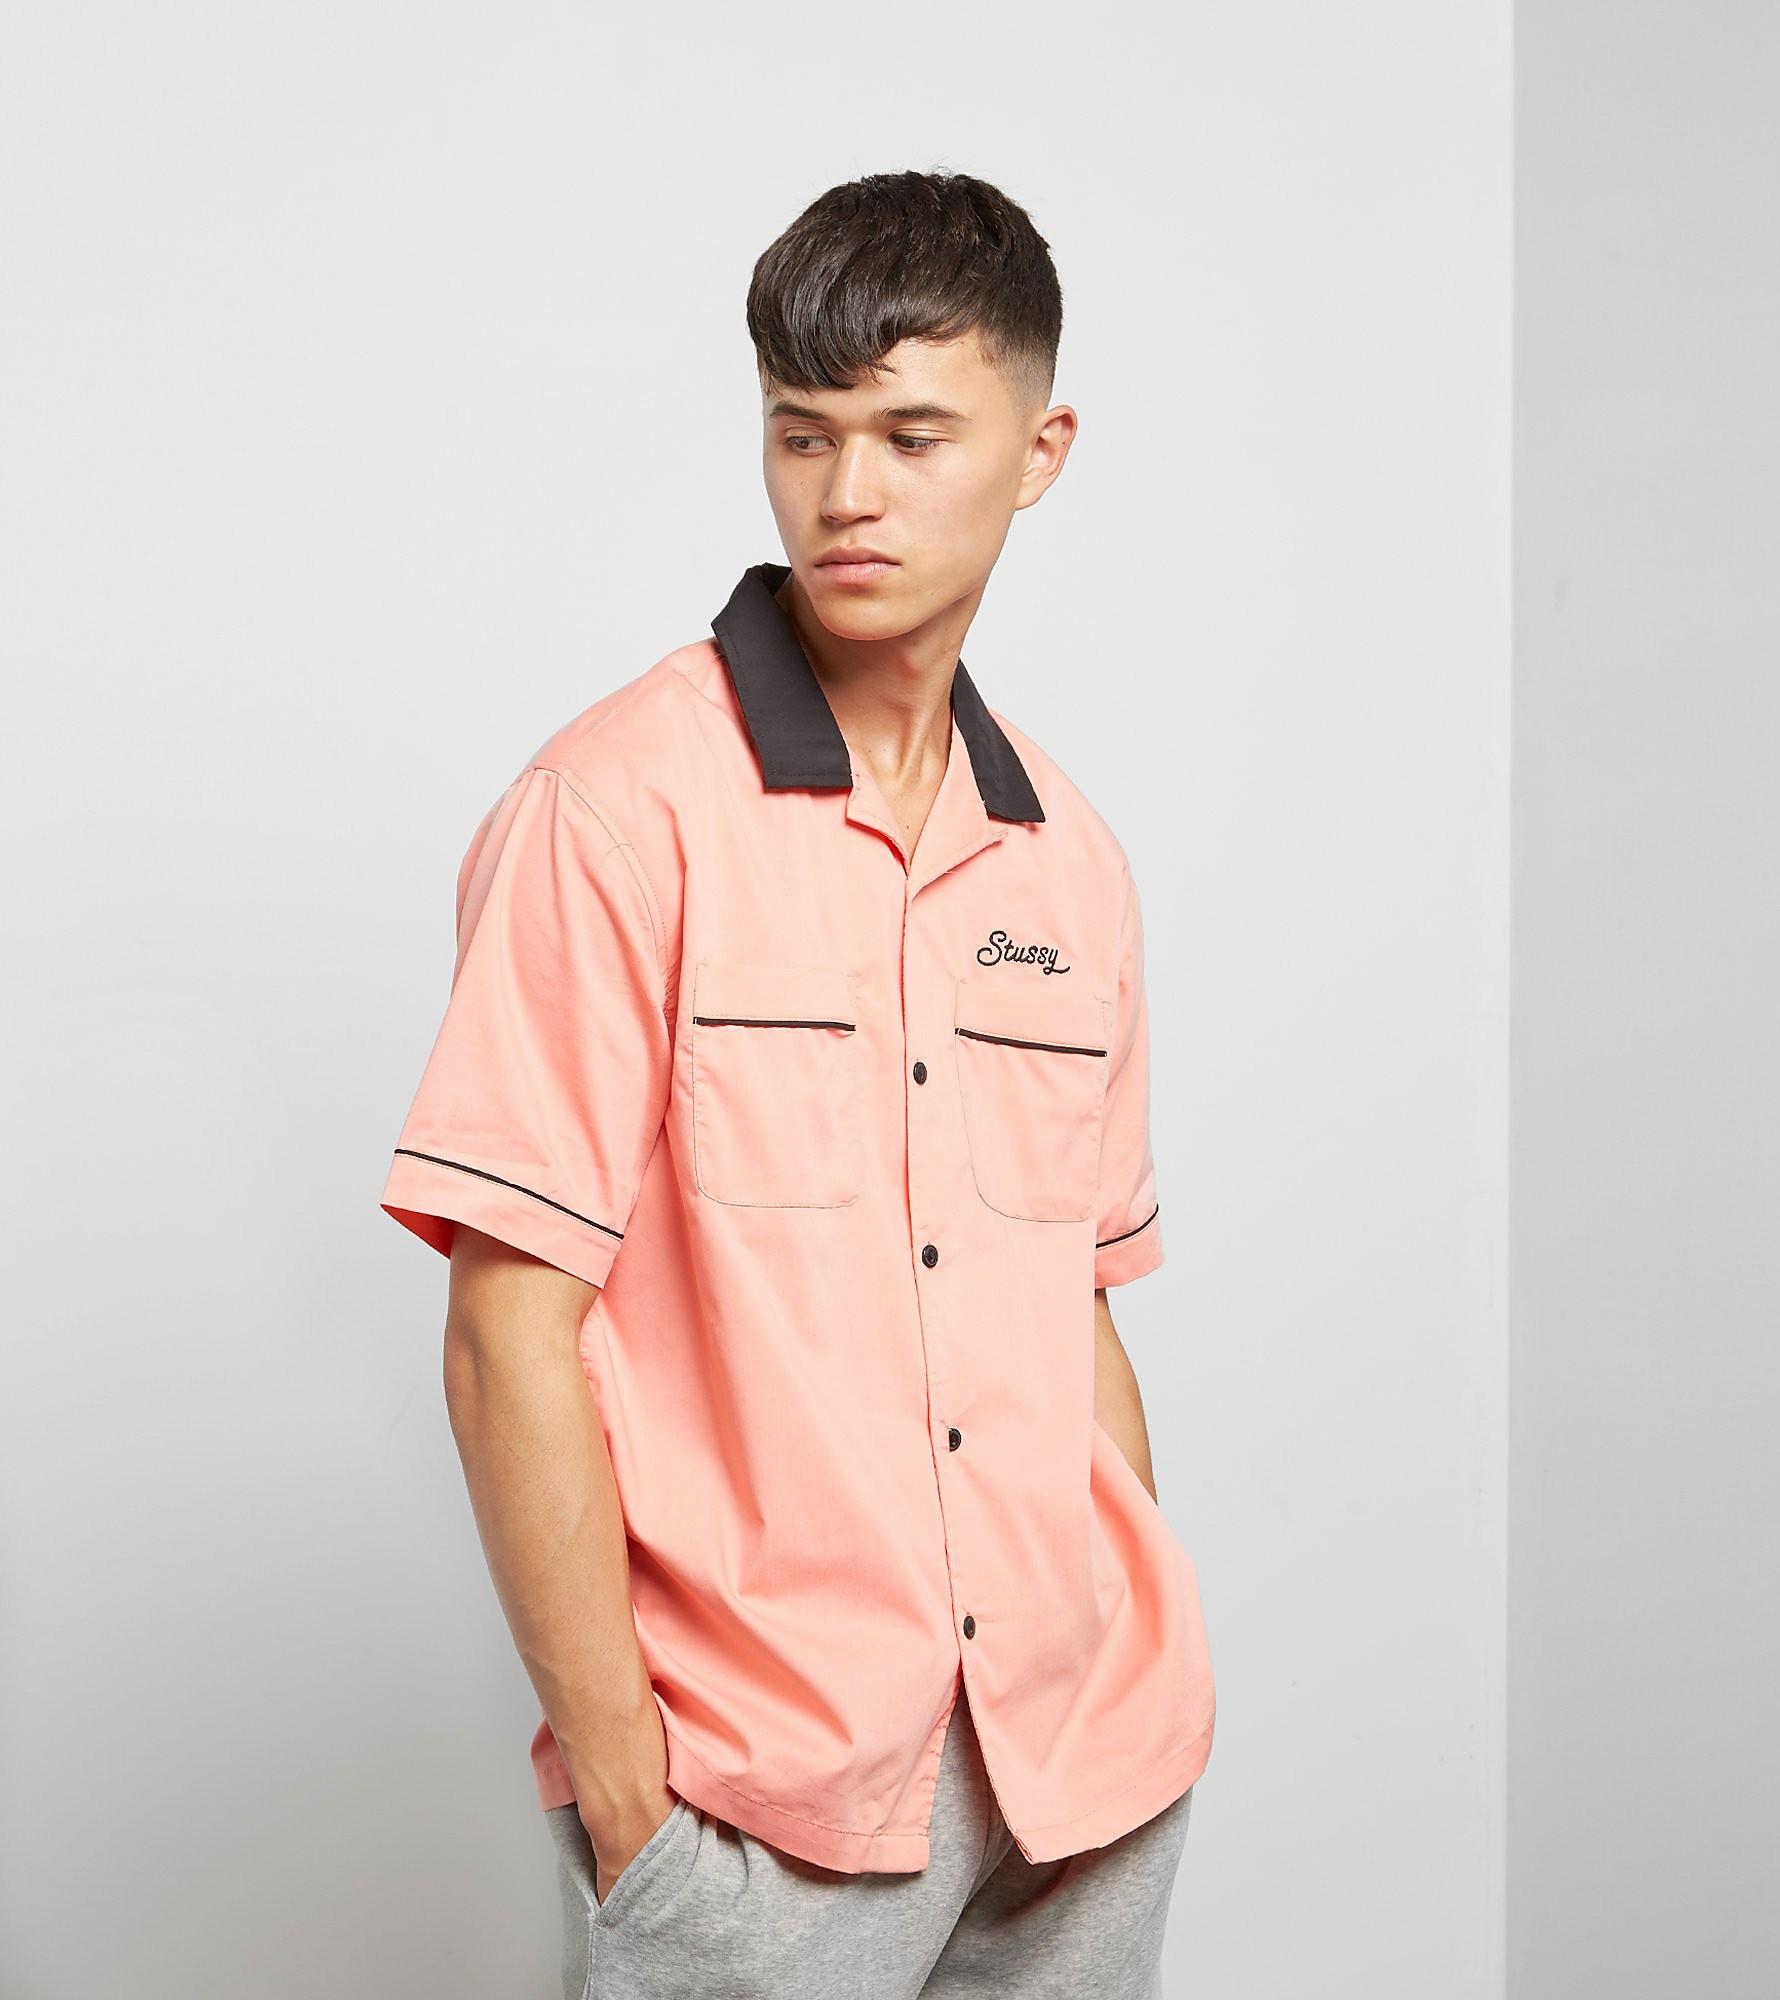 Stussy Laguna Bowling Shirt